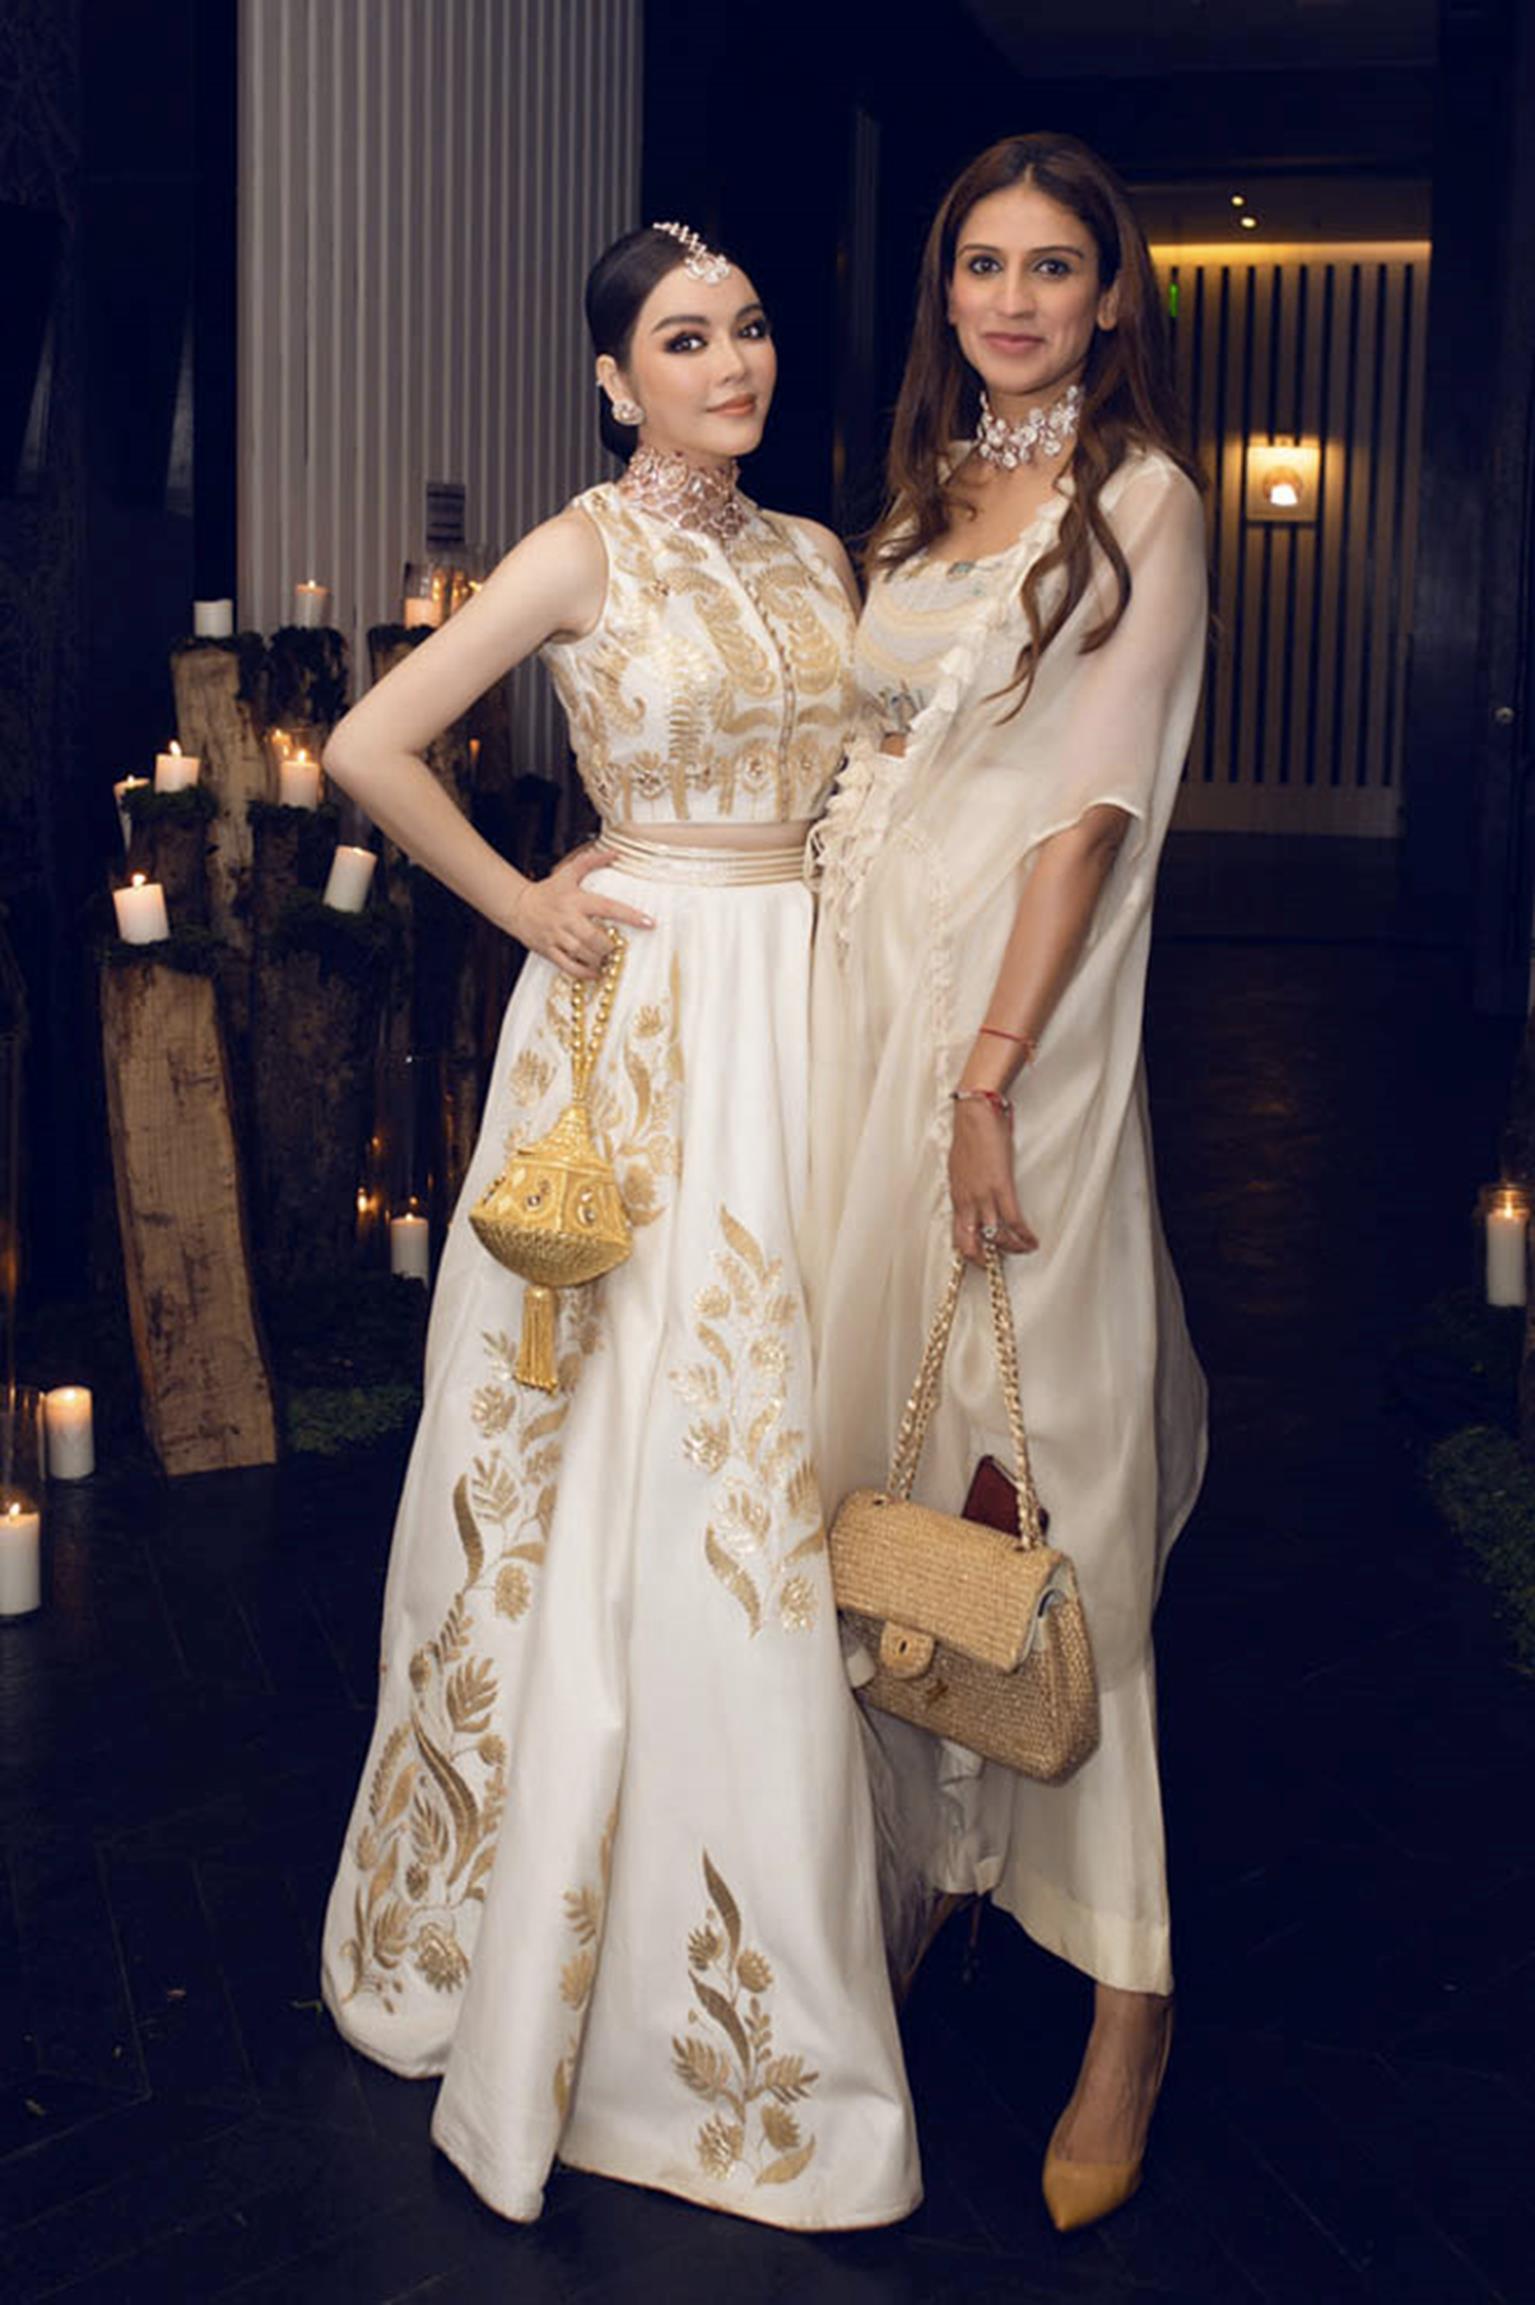 Lý Nhã Kỳ diện váy dát vàng dự tiệc sinh nhật của tỷ phú giàu nhất Ấn Độ-7